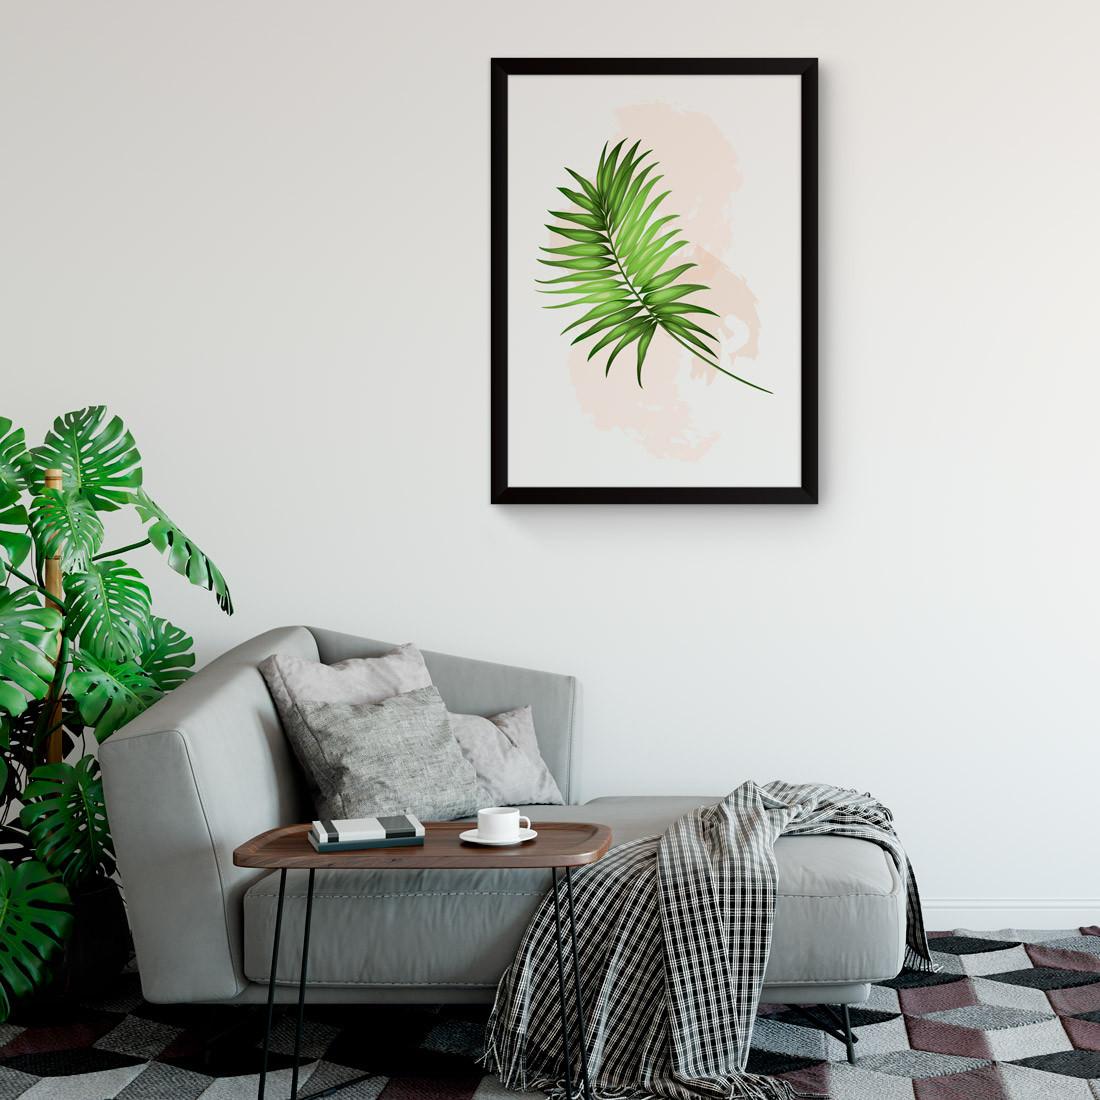 Quadro Decorativo Folha de Coqueiro Tropical